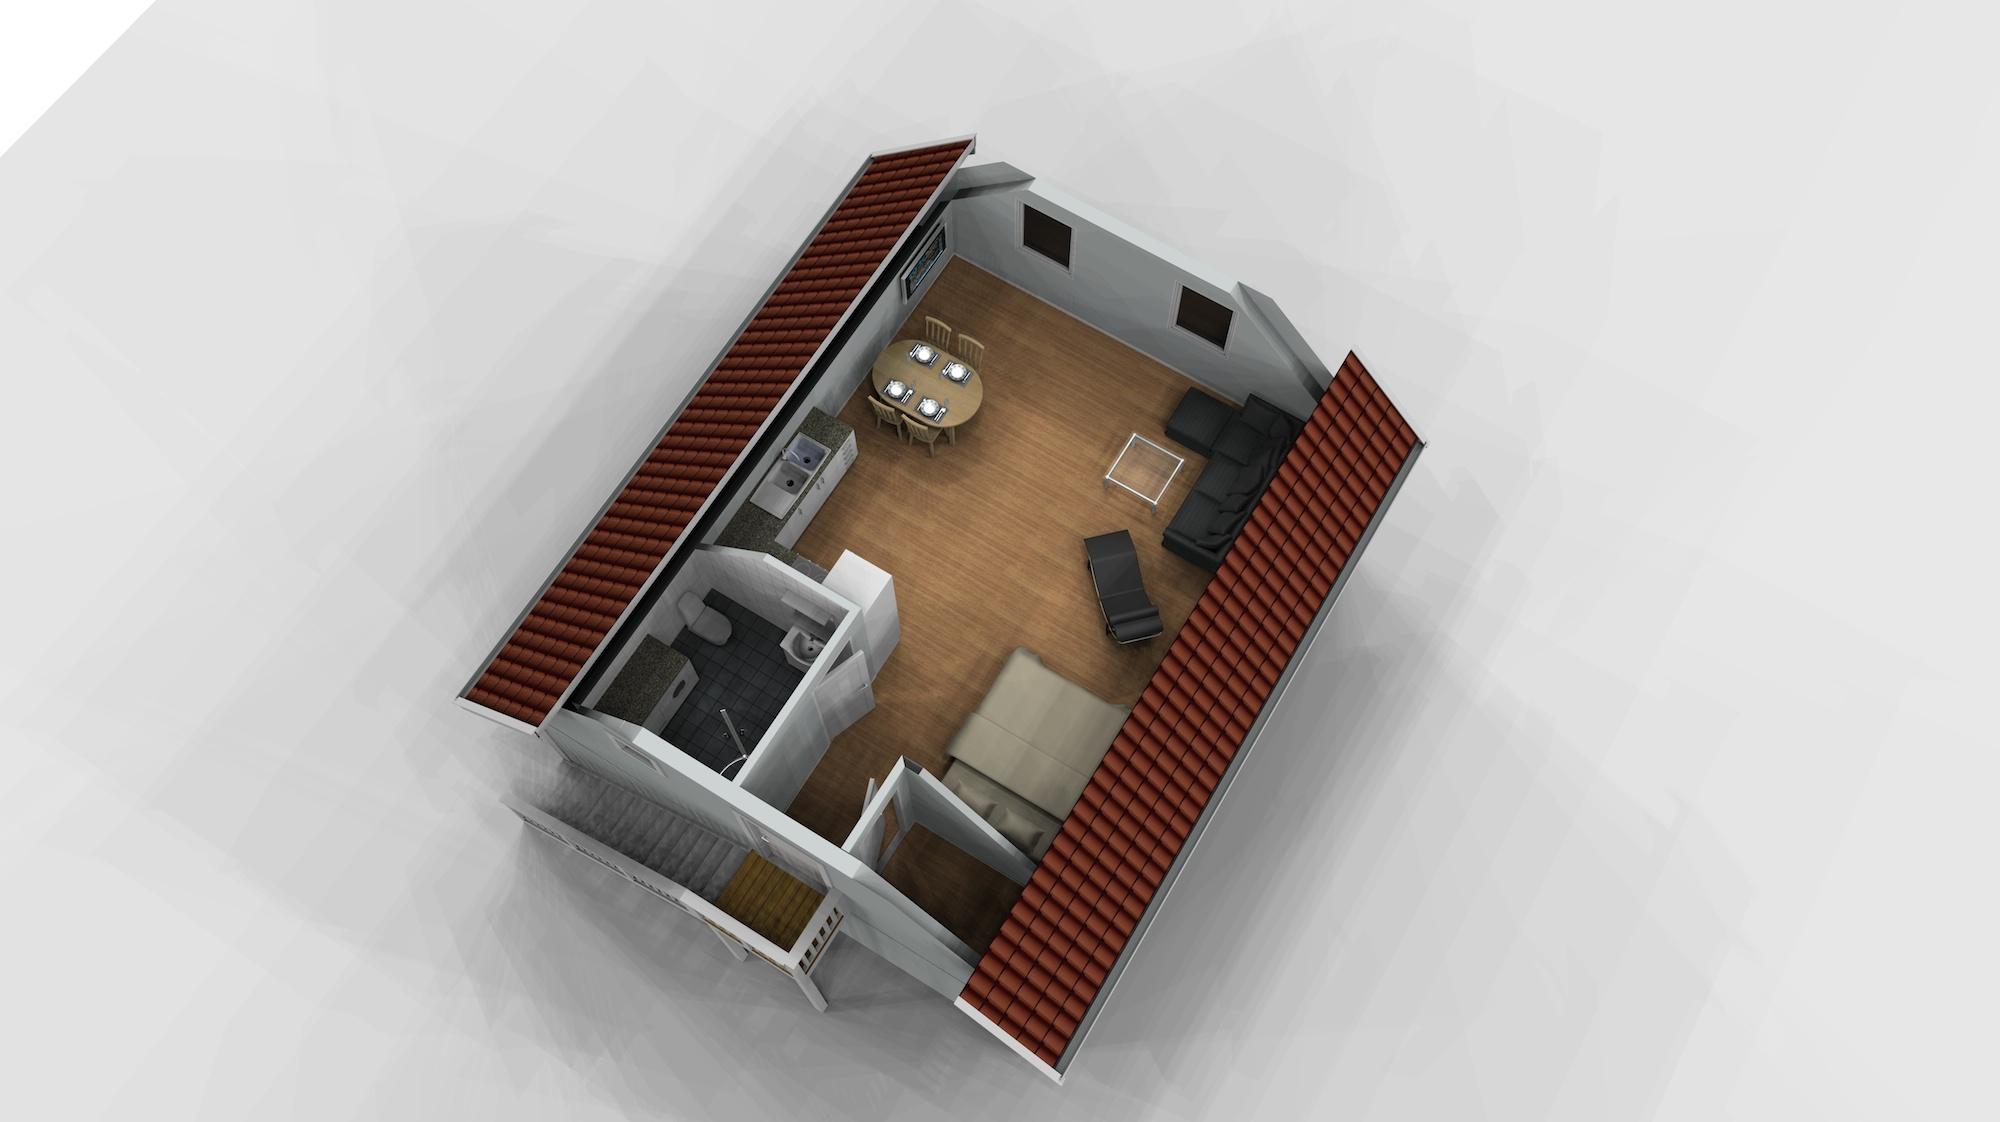 Garage med övervåning / lägenhet 1,5 plan Planskiss